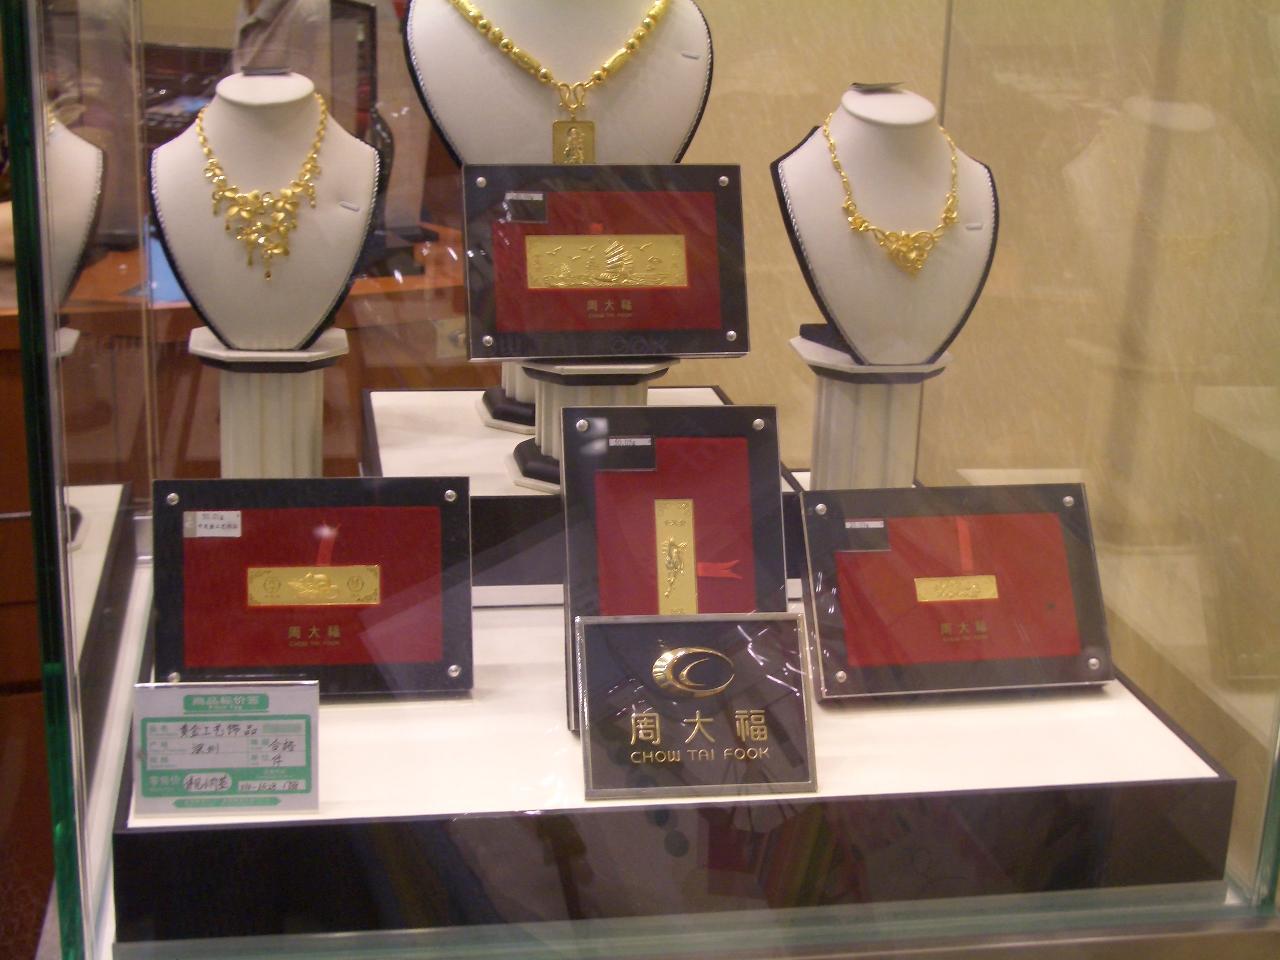 北京で爆発的に売られているネックレスなどジュエリー